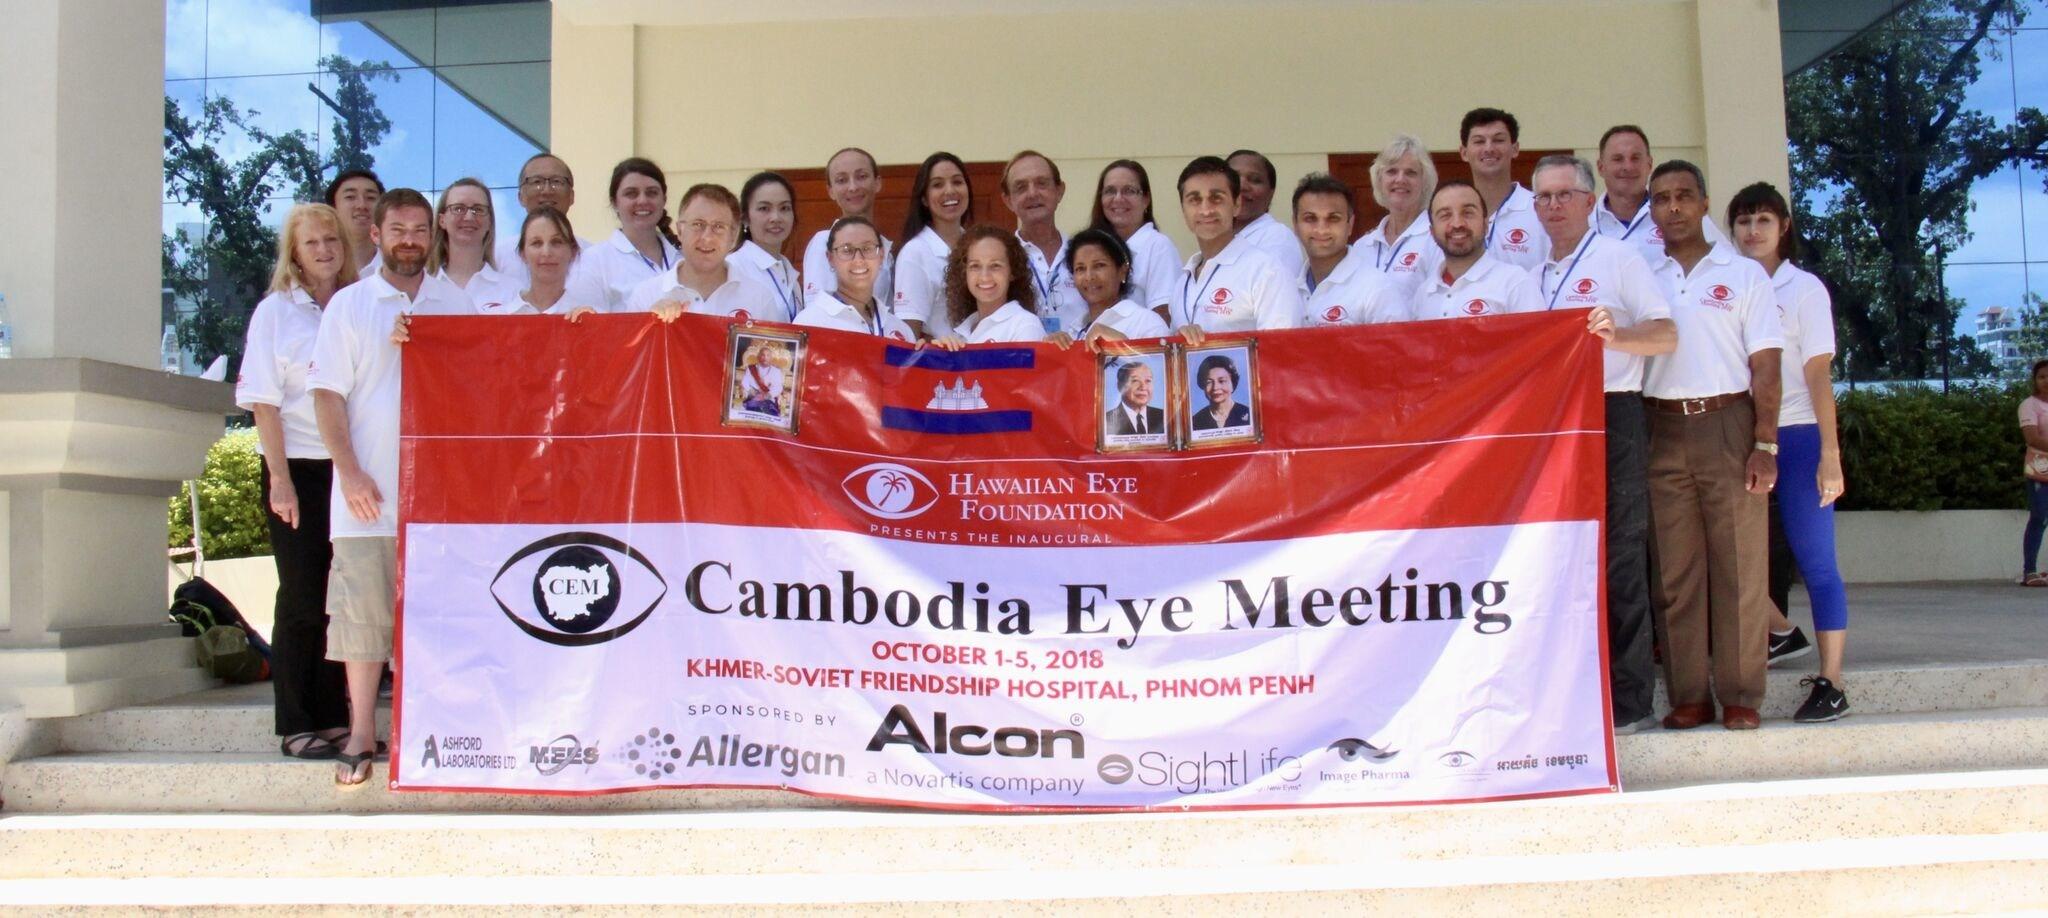 Hawaiian Eye Foundation Volunteer Surgeons Train Eye Doctors